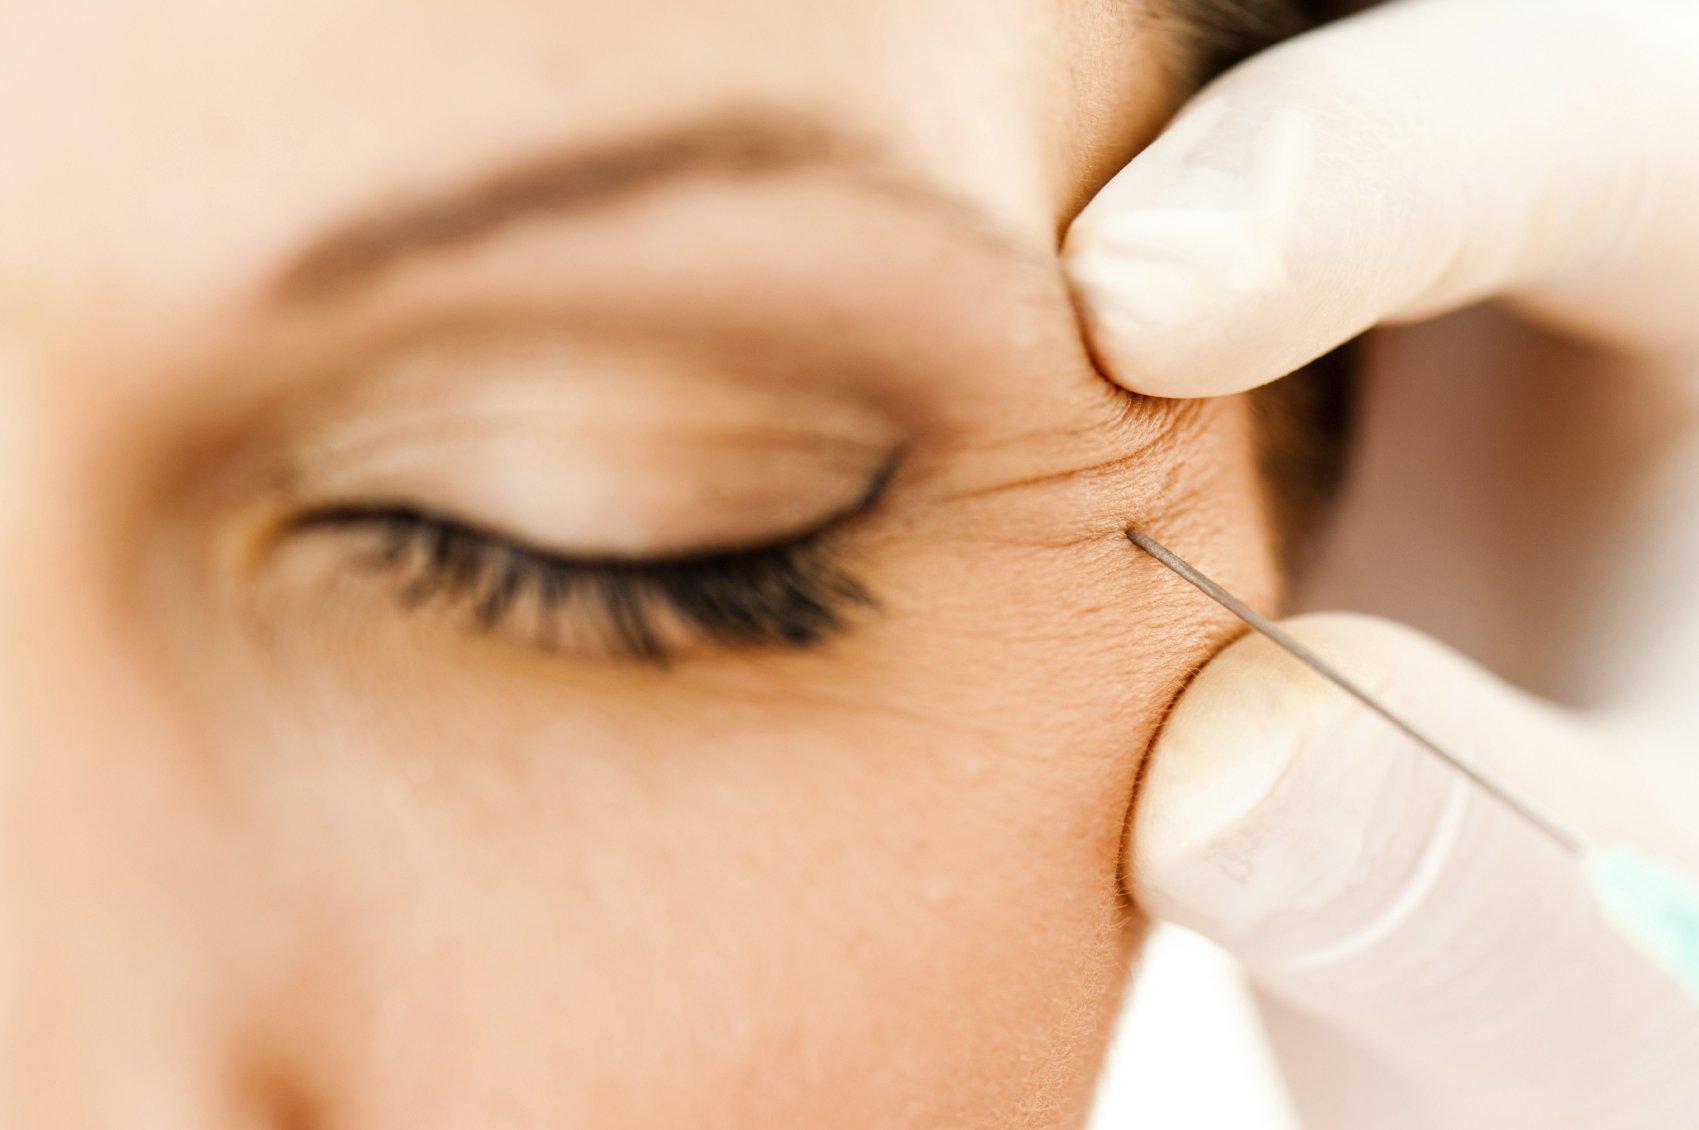 Отзывы косметологов и пациентов об инъекциях Диспорт: фото до и после